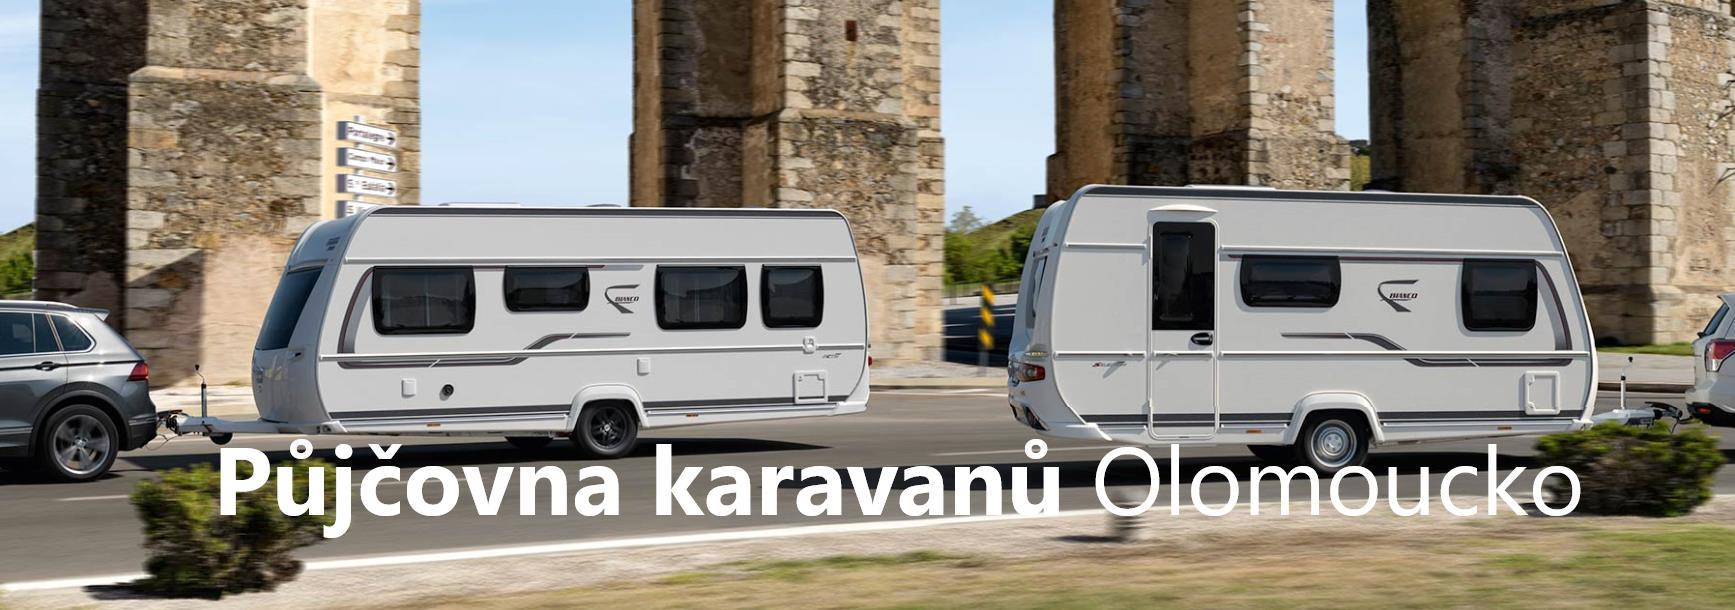 Pujčovna karavanů - Adventuring